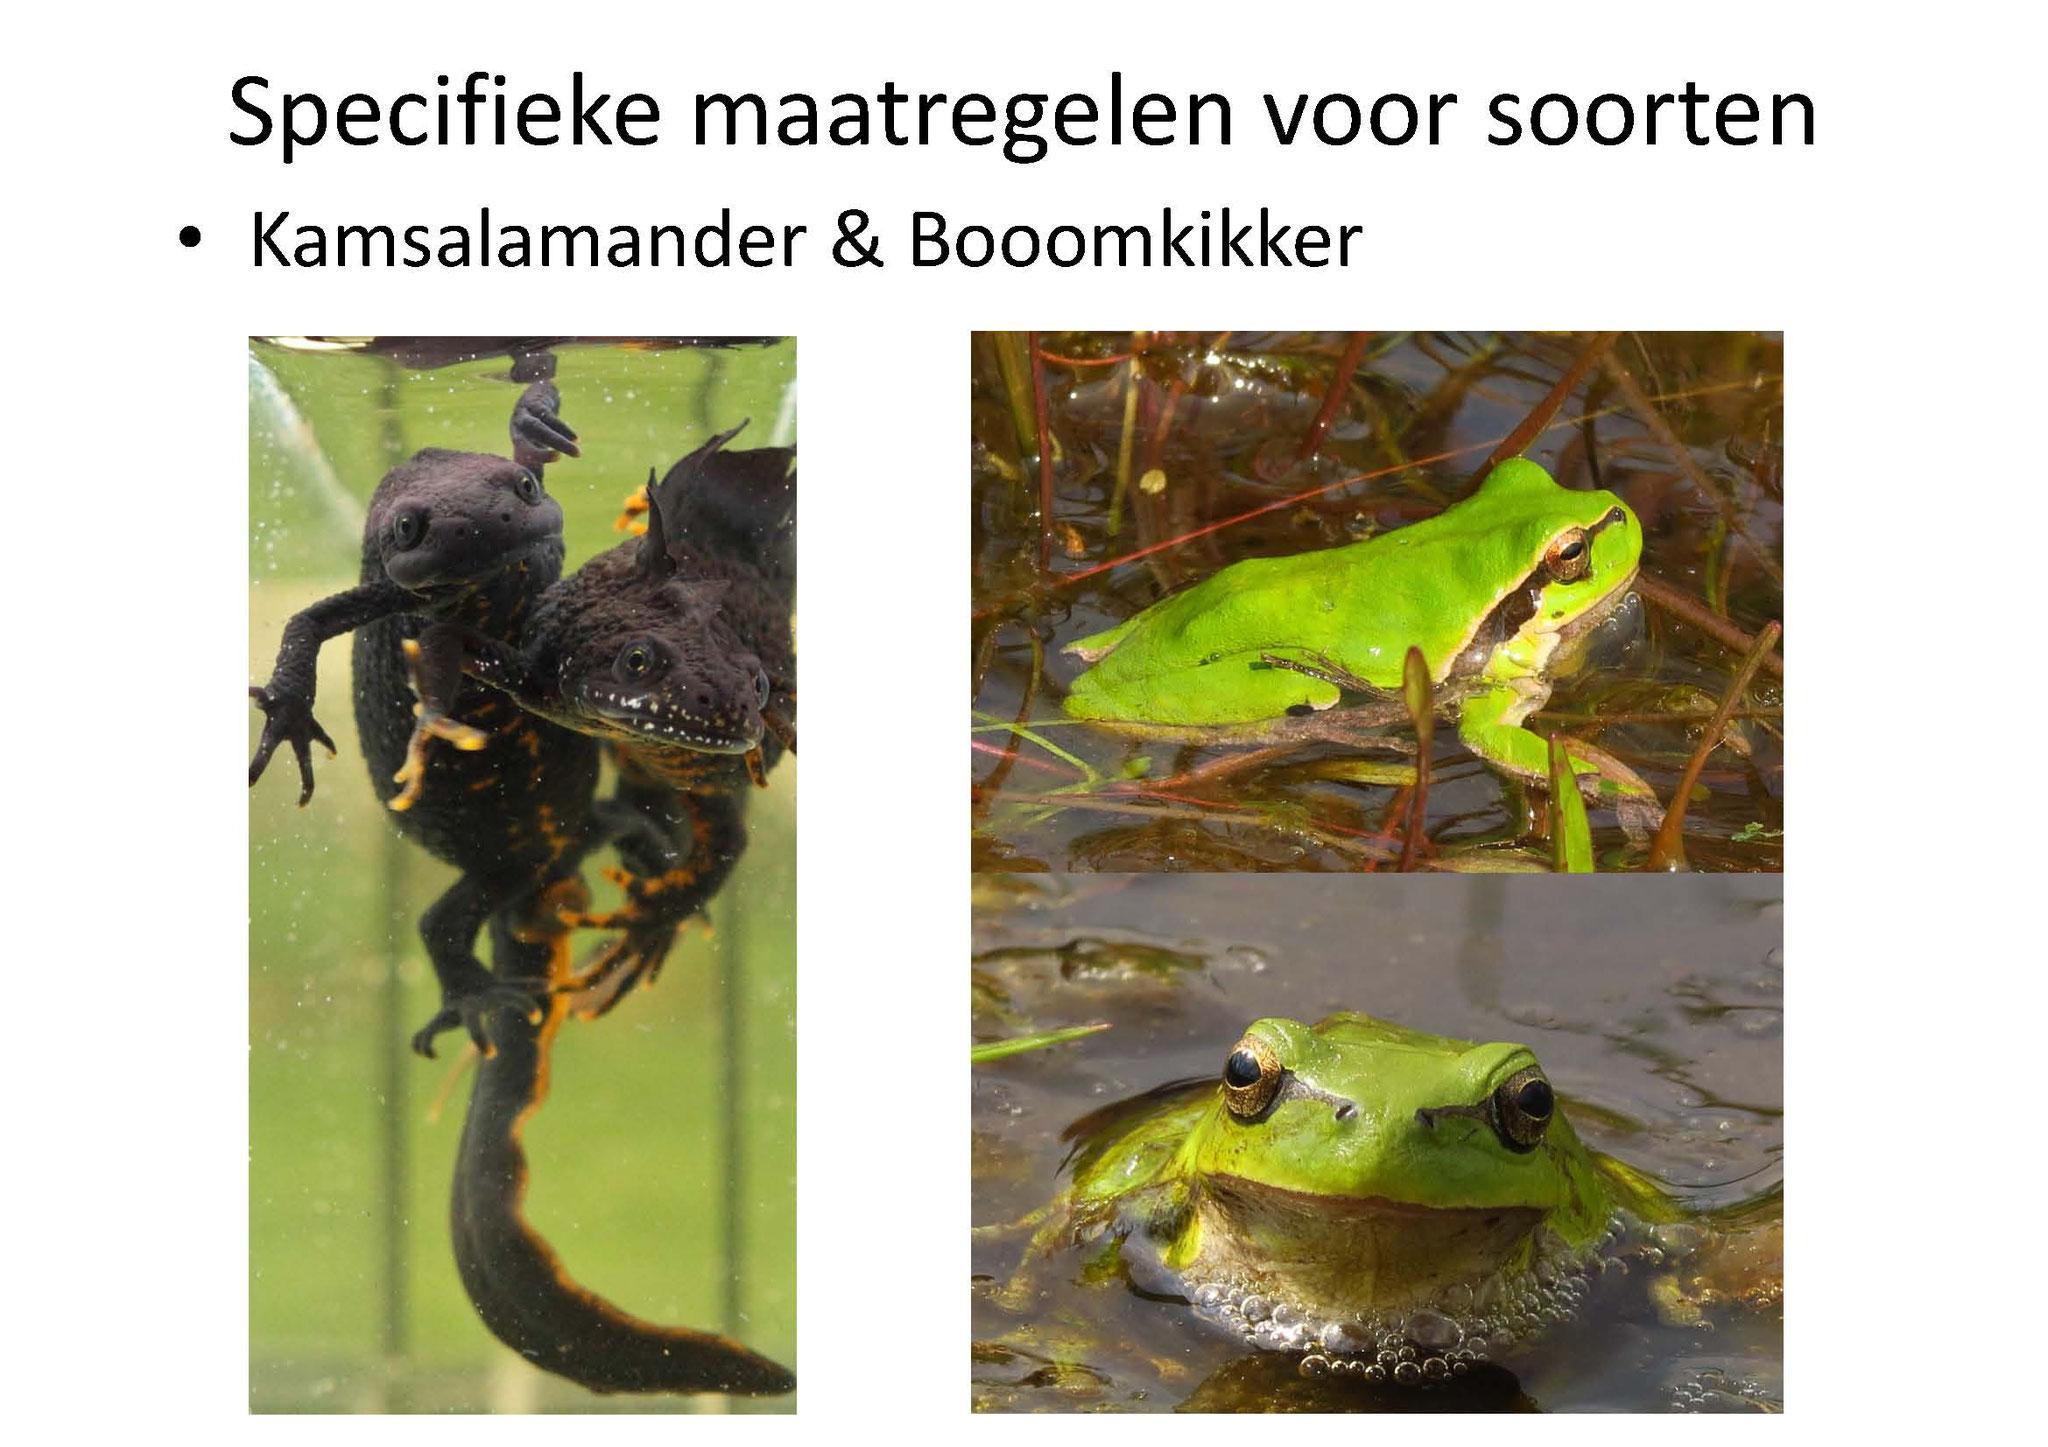 Getracht wordt met o.a. poelen de omstandigheden voor Boomkikker en Kamsalamander te optimaliseren.